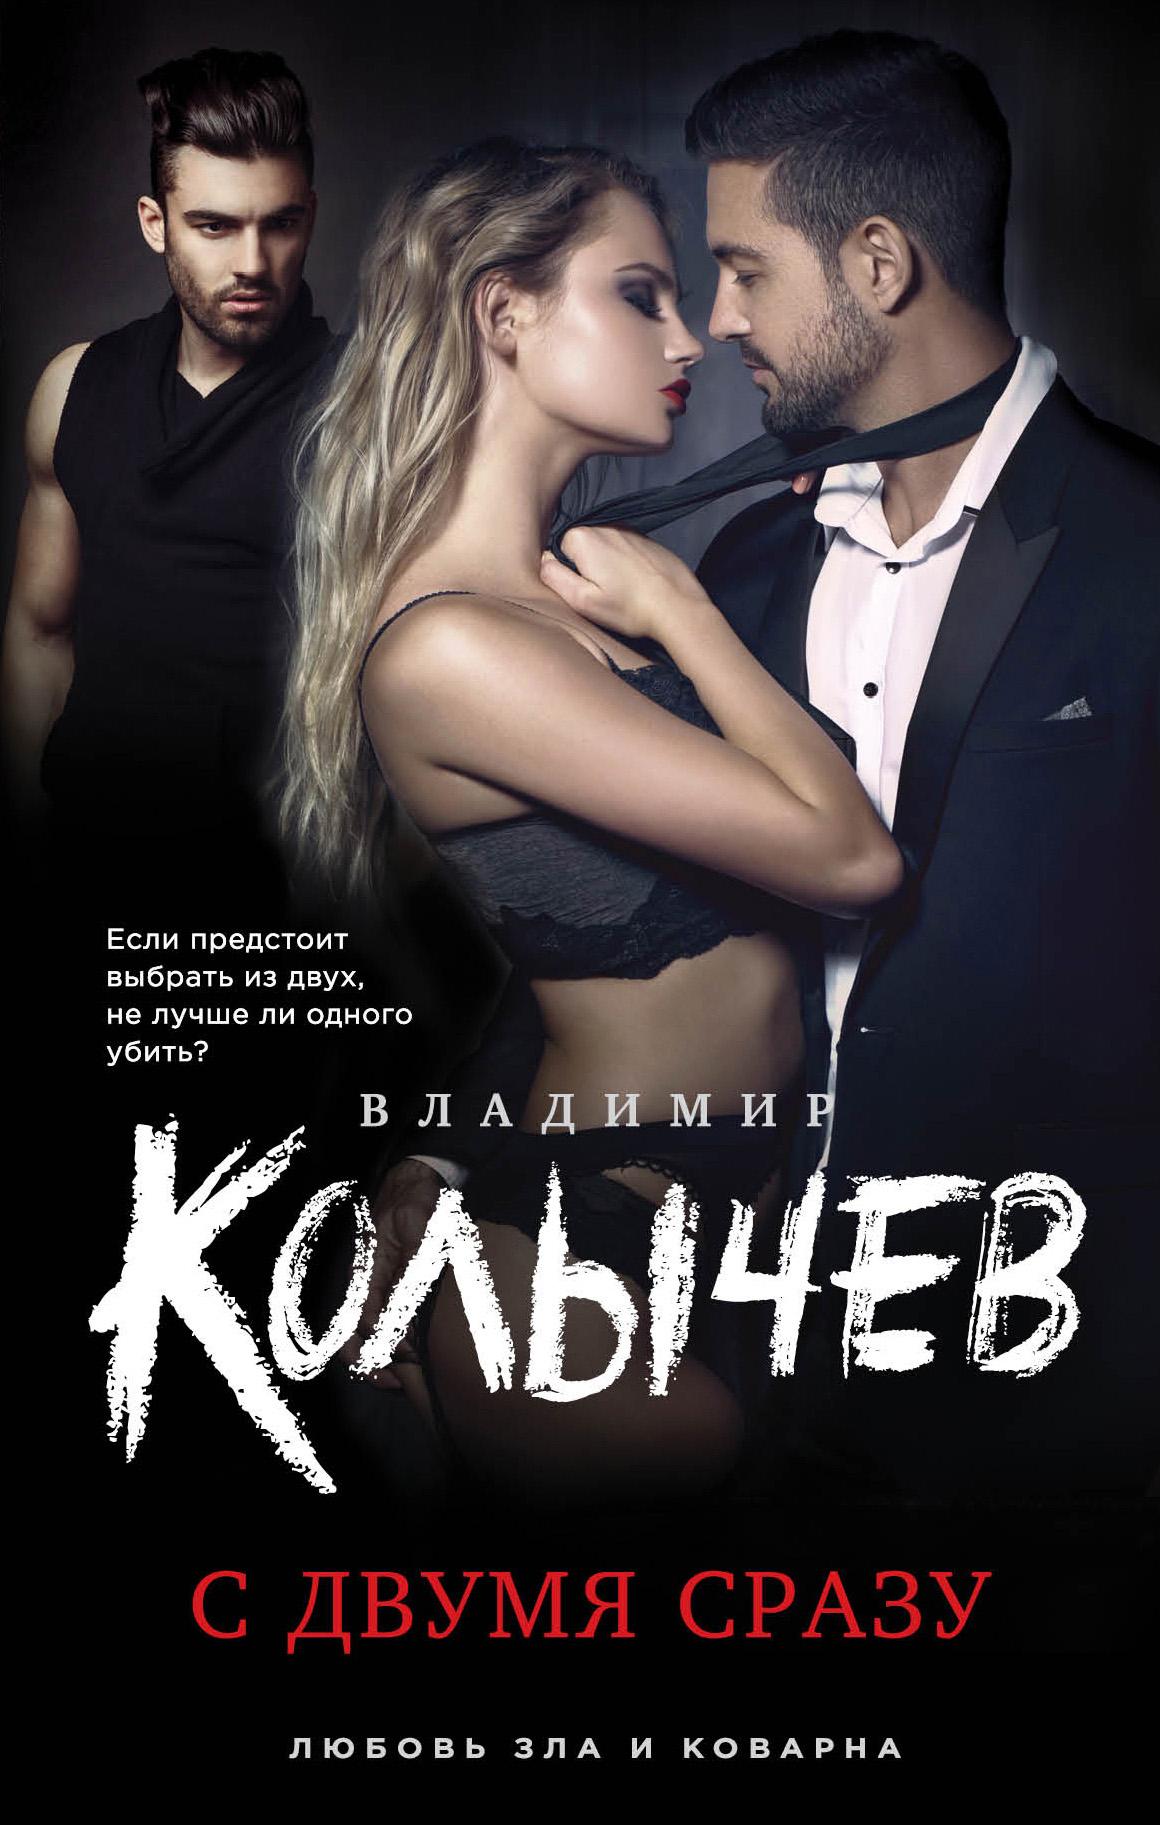 У него встал когда его ласкали смотреть, секс в троем русские бисексуалы на природе